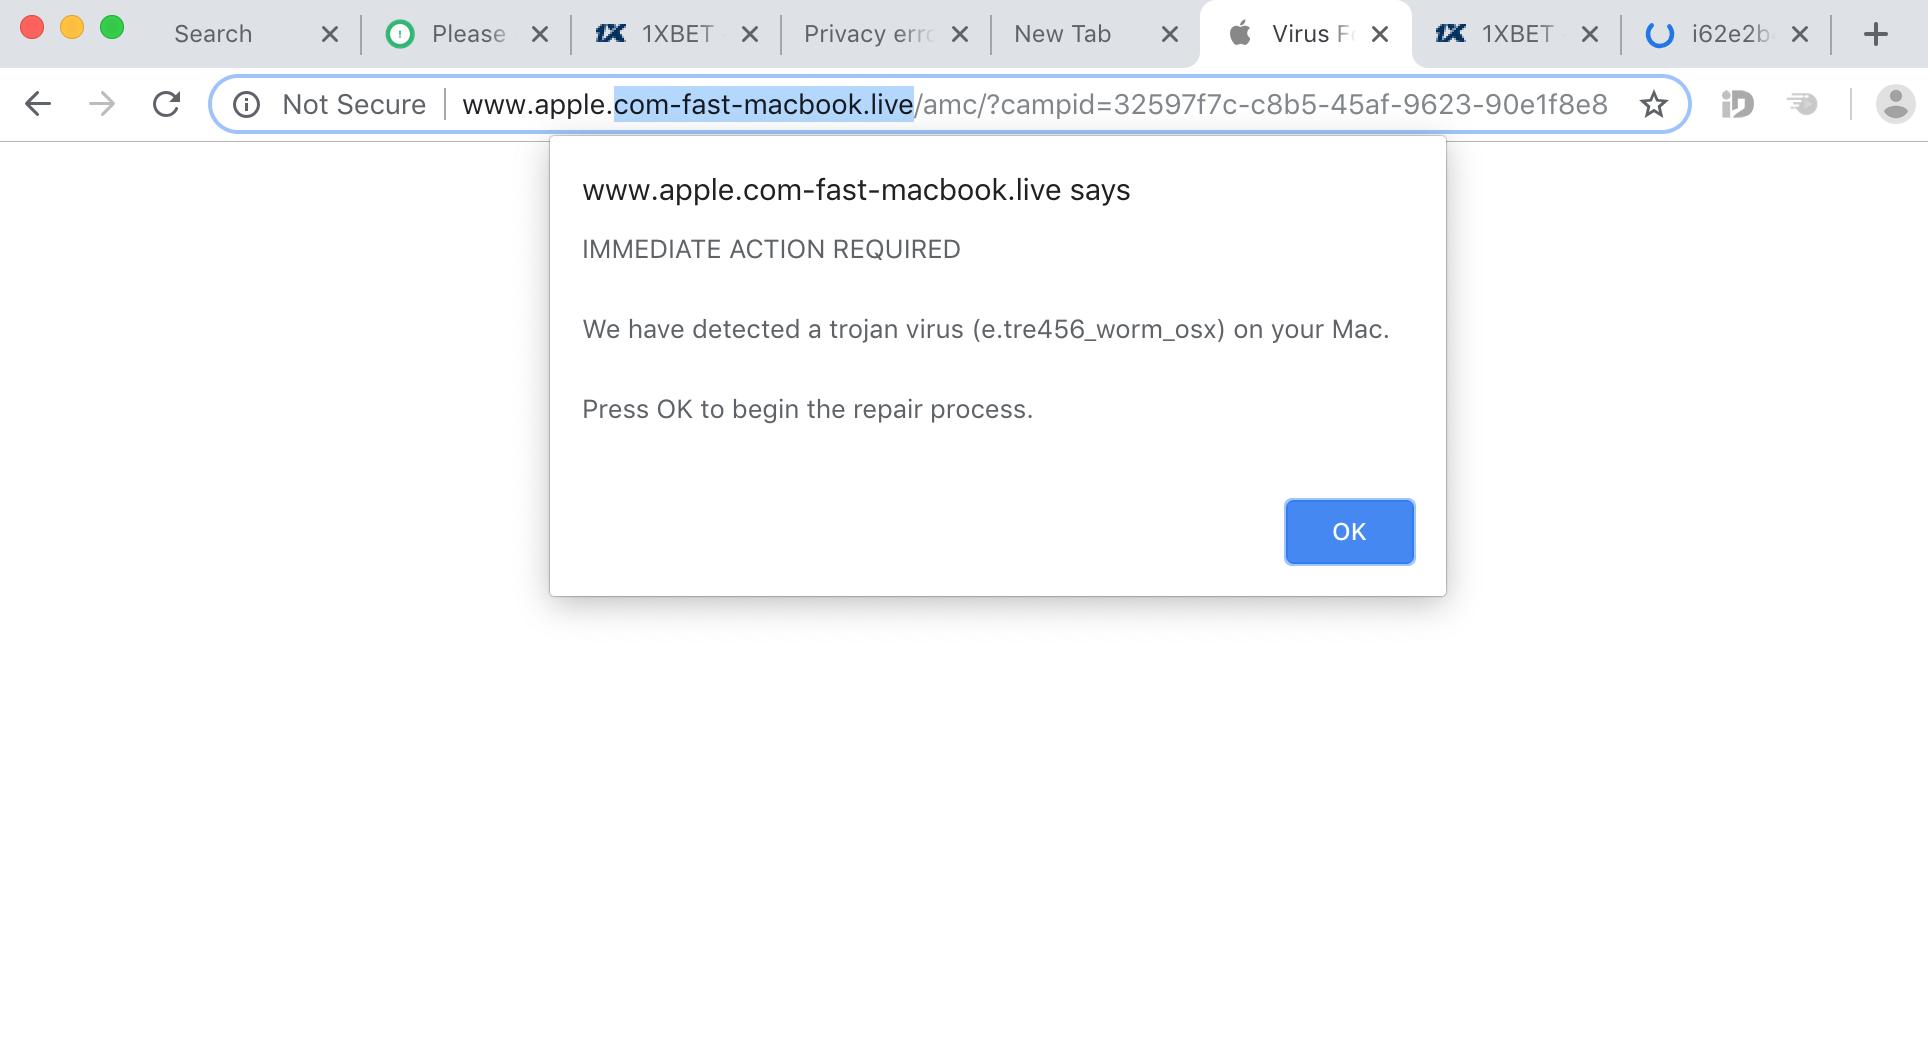 Apple.com-fast-macbook.live e.tre456_worm_osx scam